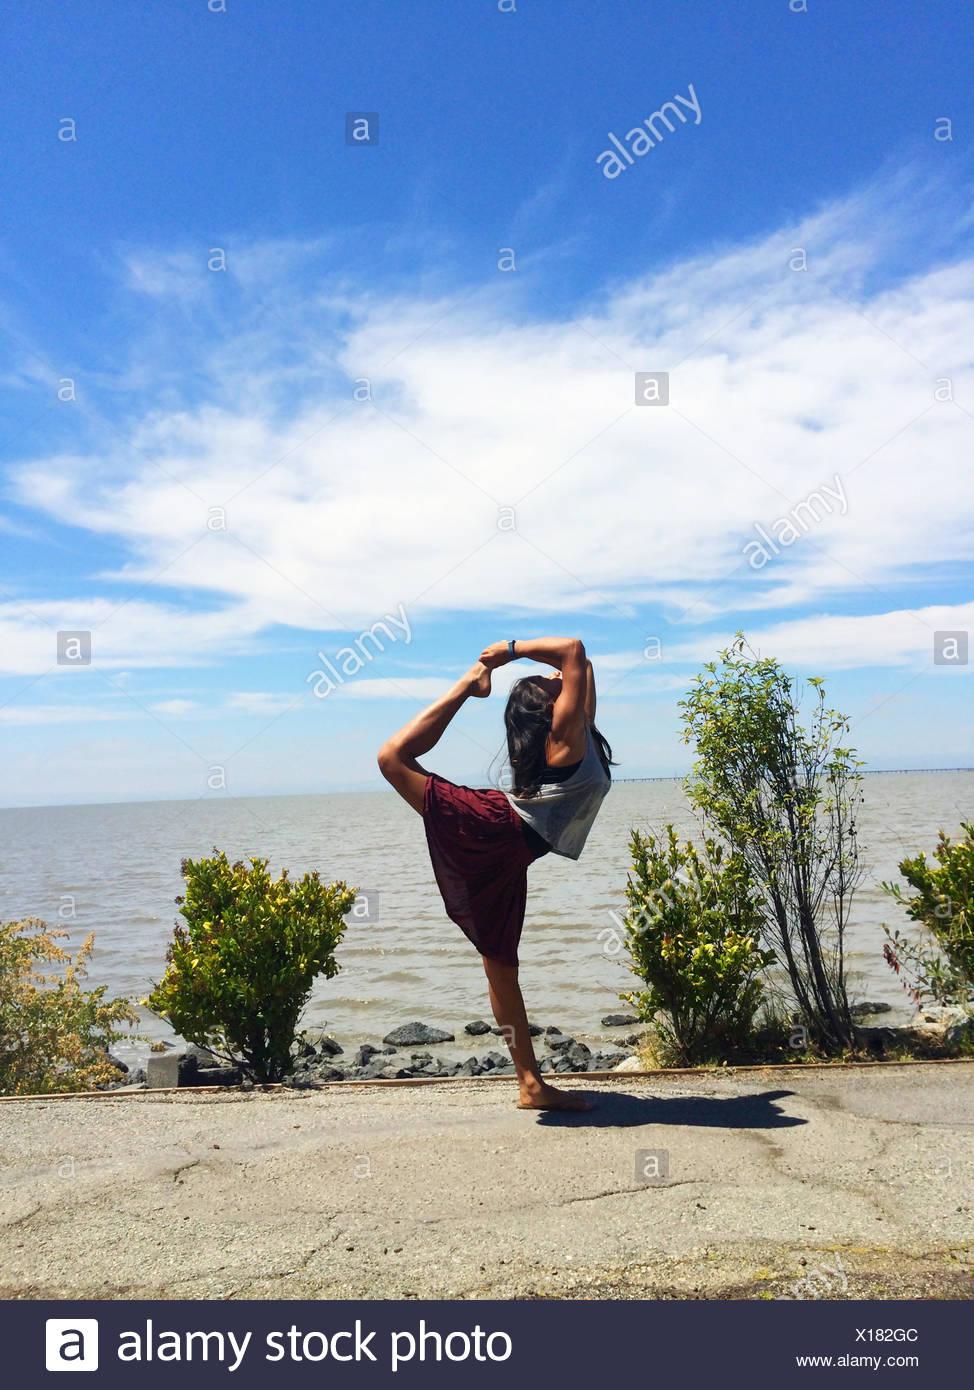 Mädchen tun stehenden Bogen ziehen Yoga-Pose am Strand Stockbild